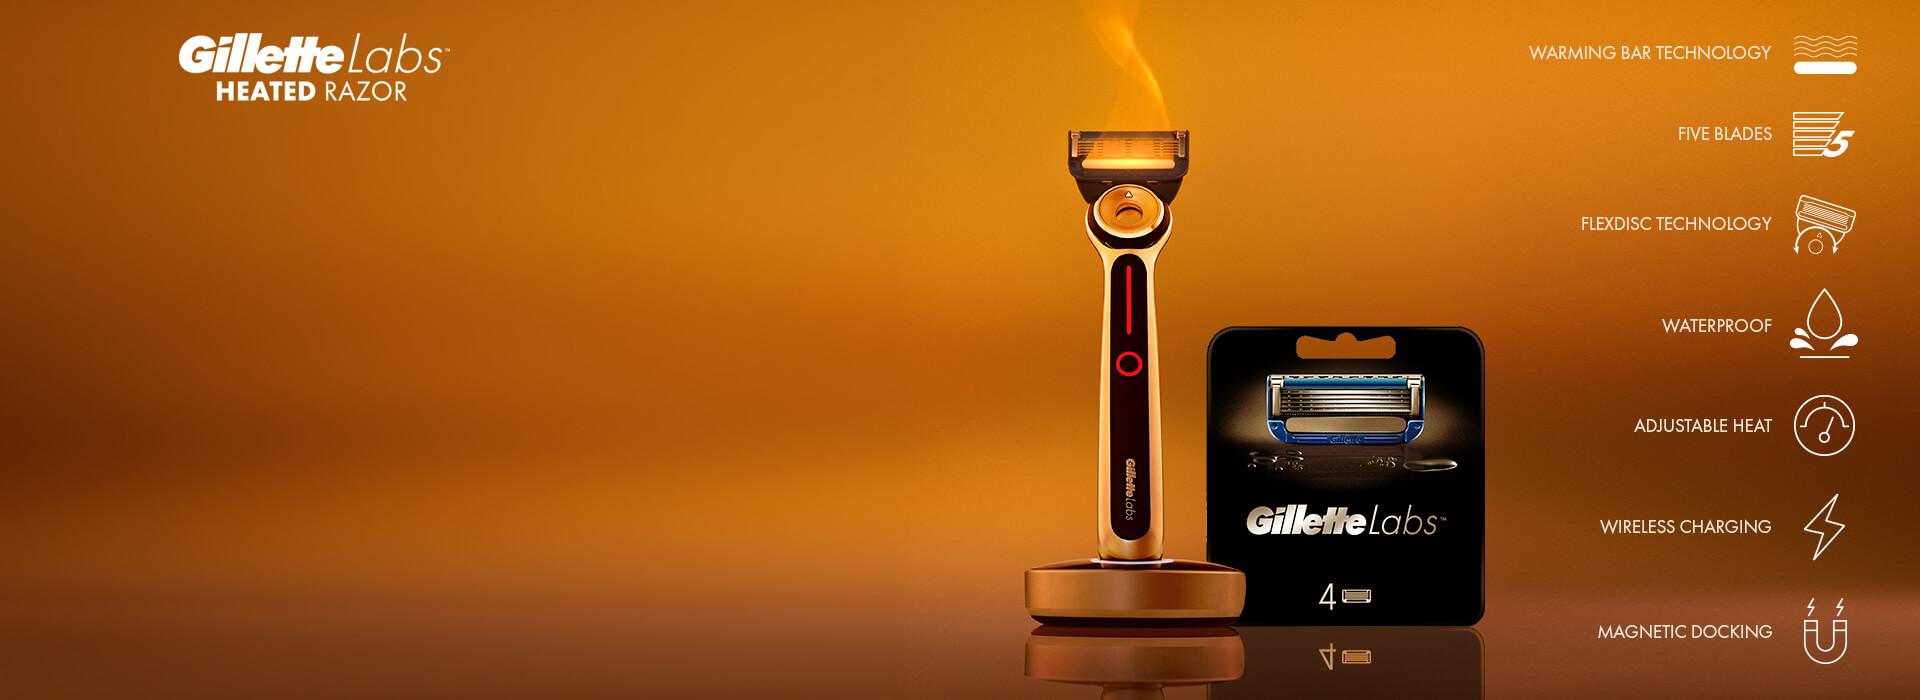 Gillette Heated Razor & Blades